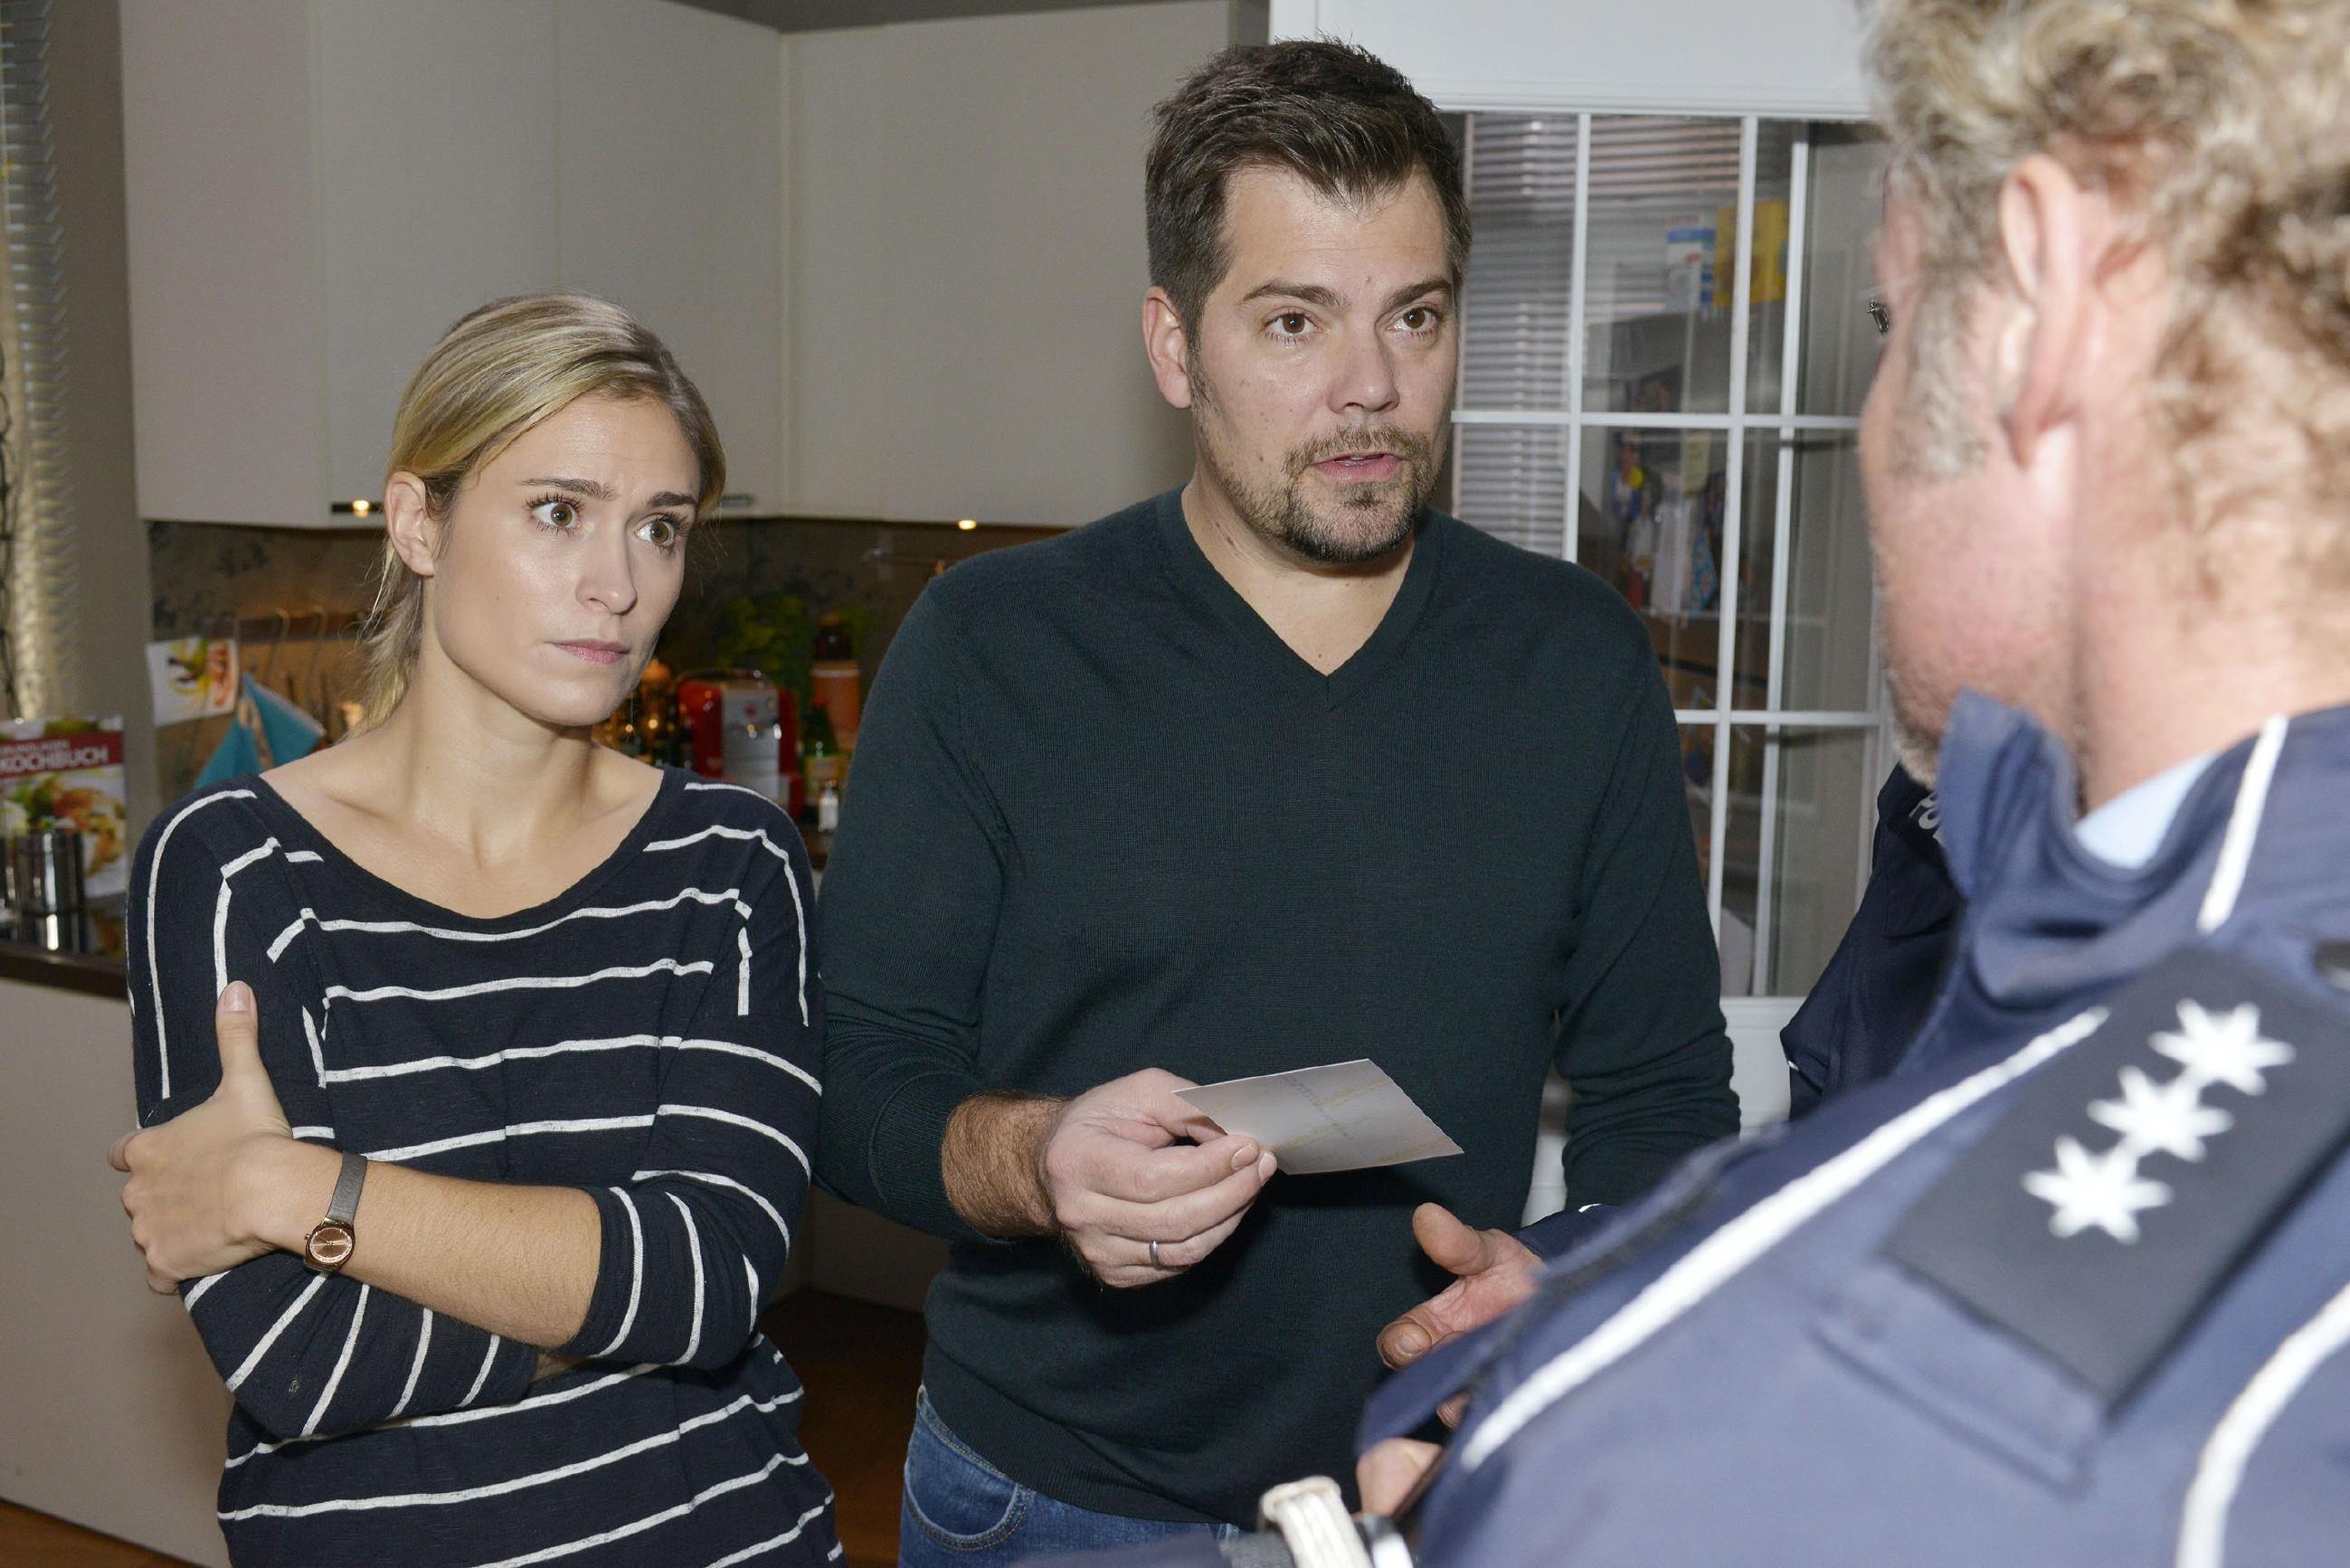 In ihrer Sorge um den verschwundenen Oskar bitten Leon (Daniel Fehklow) und Sophie (Lea Marlen Woitack) die Polizei um Hilfe. (Quelle: RTL / Rolf Baumgartner)